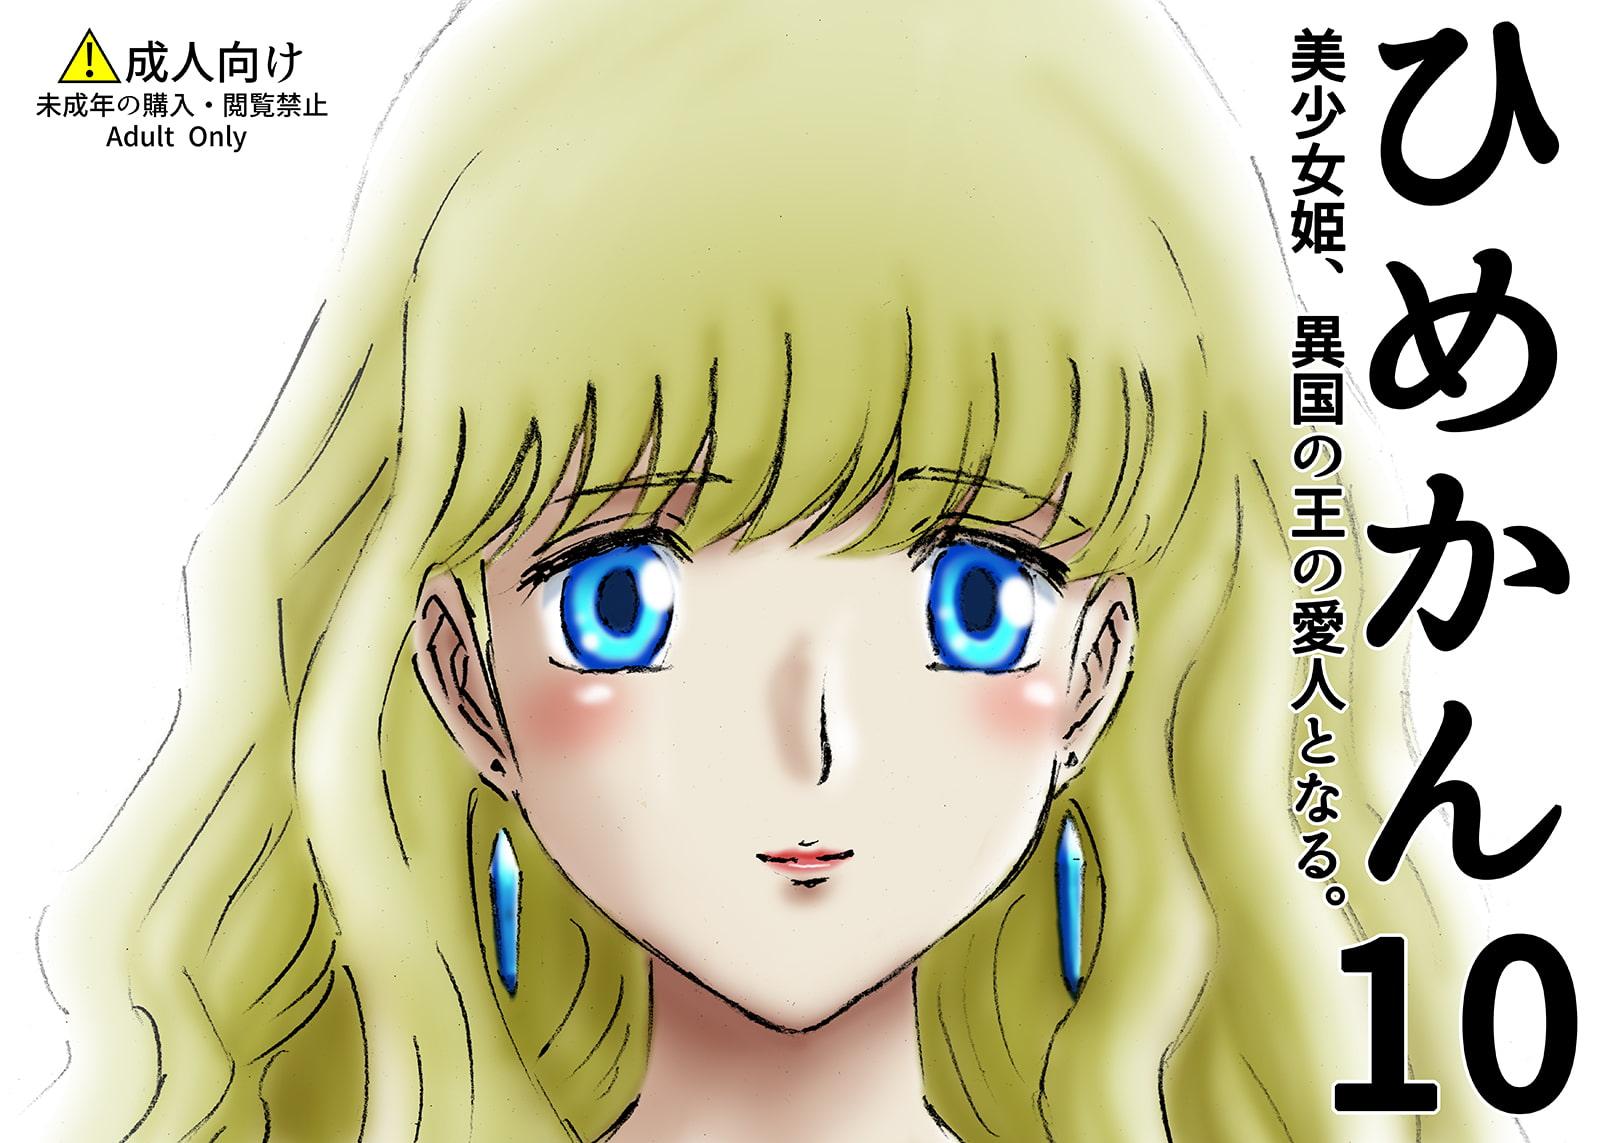 ひめかん10美少女姫、異国の王の愛人となる。